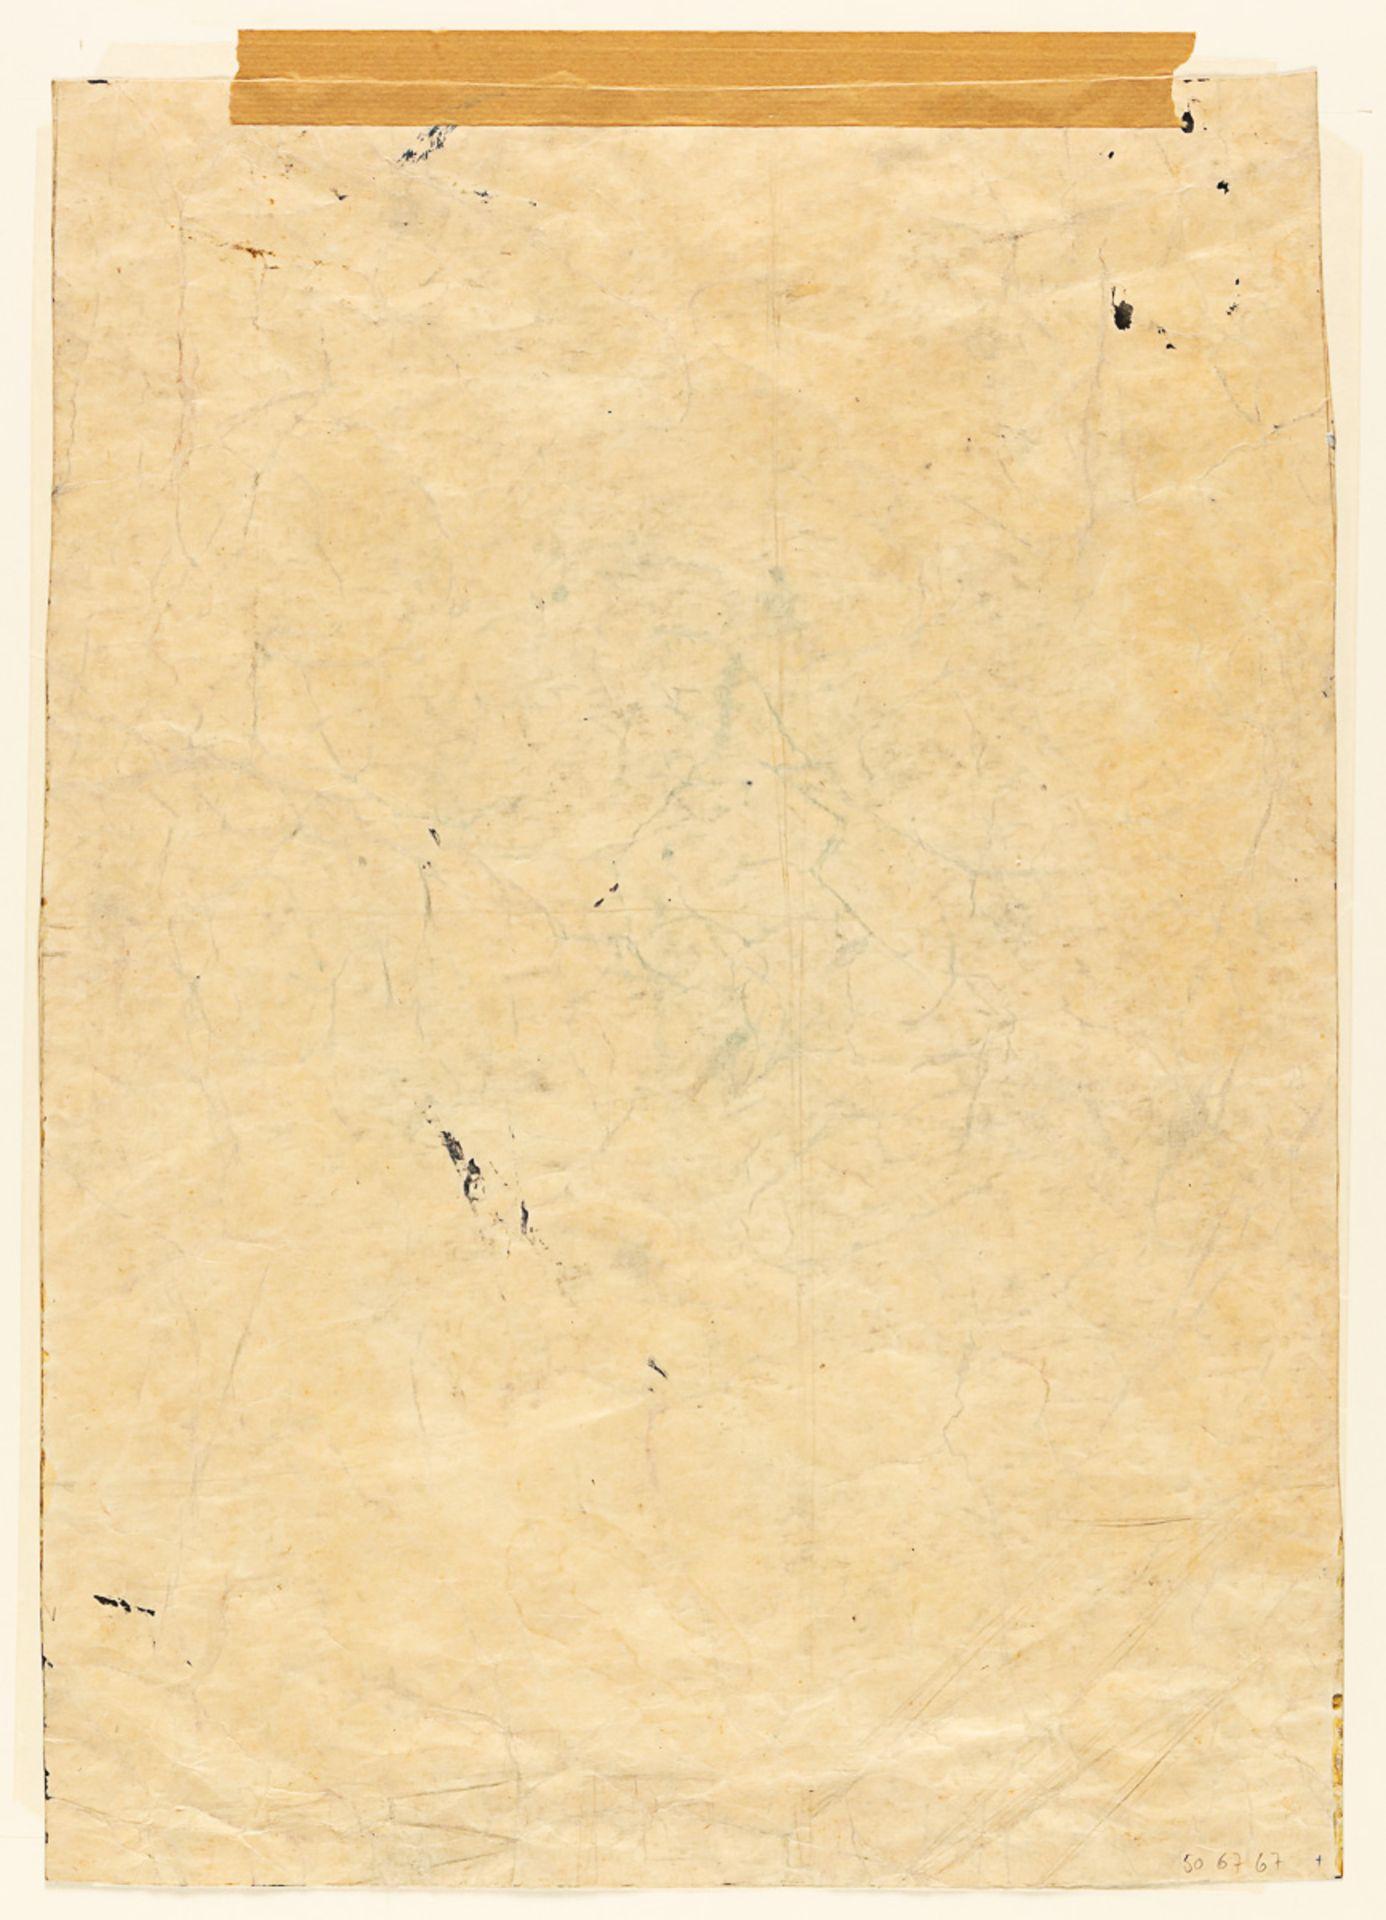 KOSTÜM-ENTWURF - Bild 2 aus 3